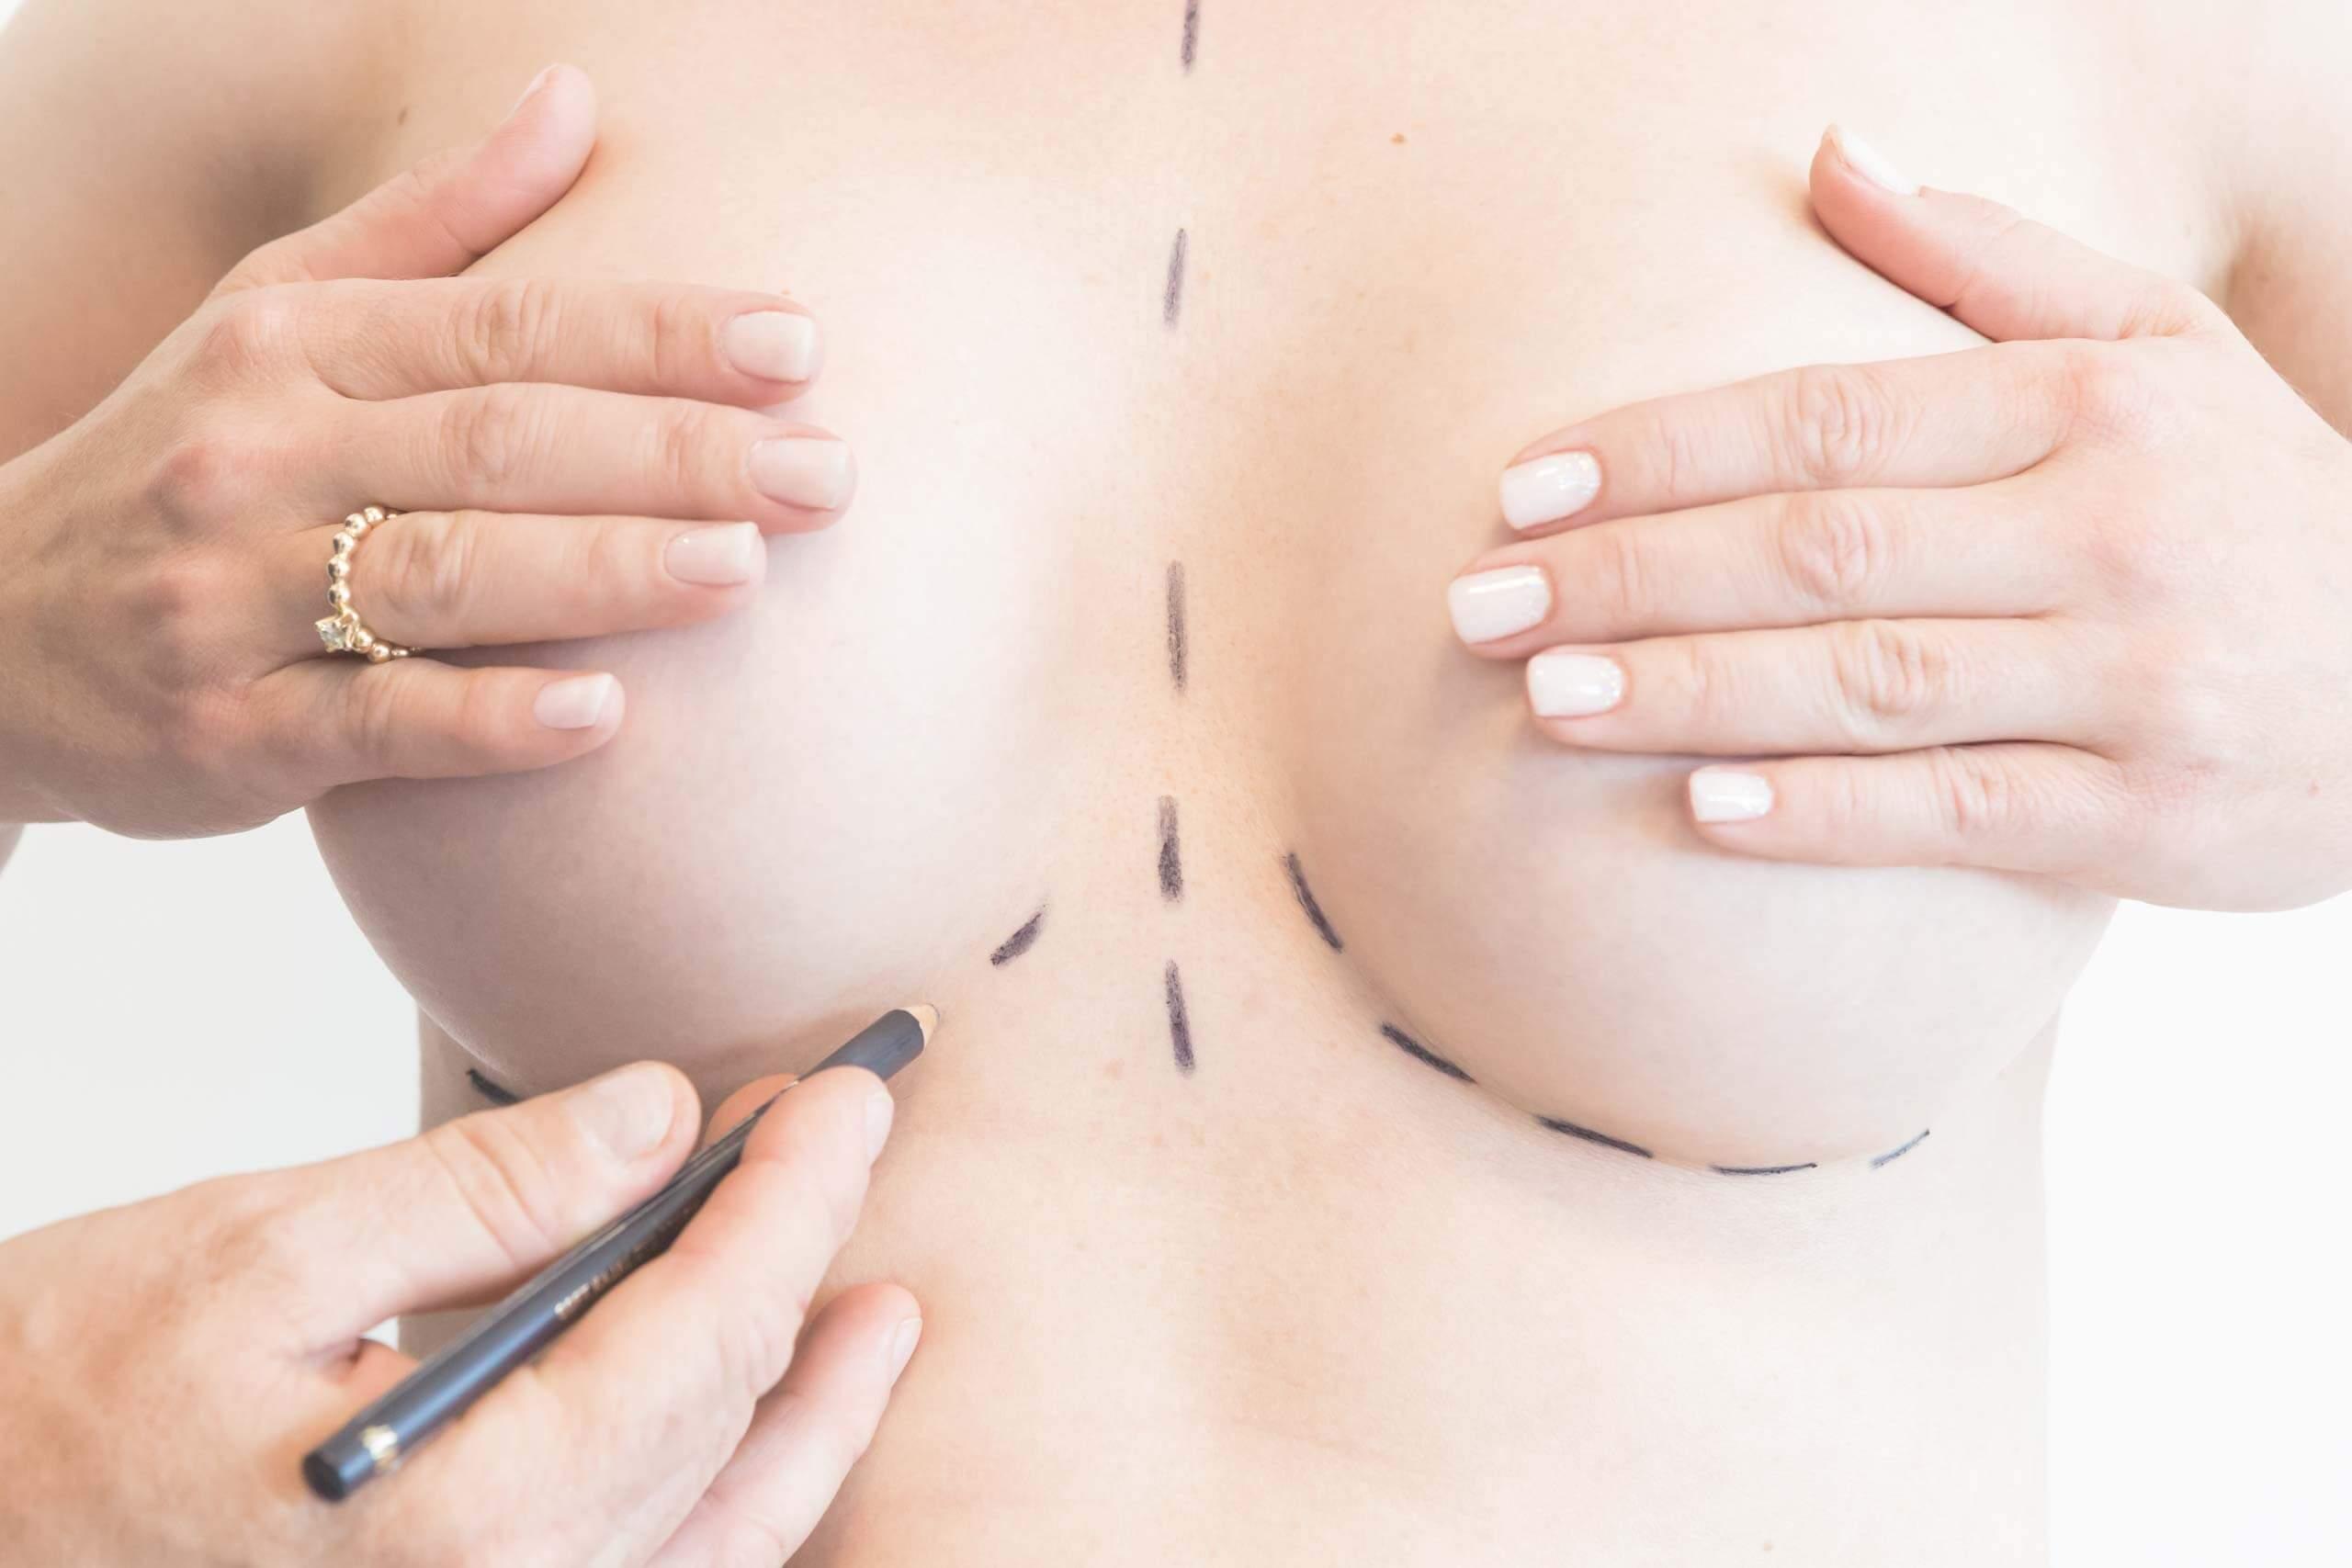 Silikonpupper brystforstørrelse fra Klinikk Haukeland